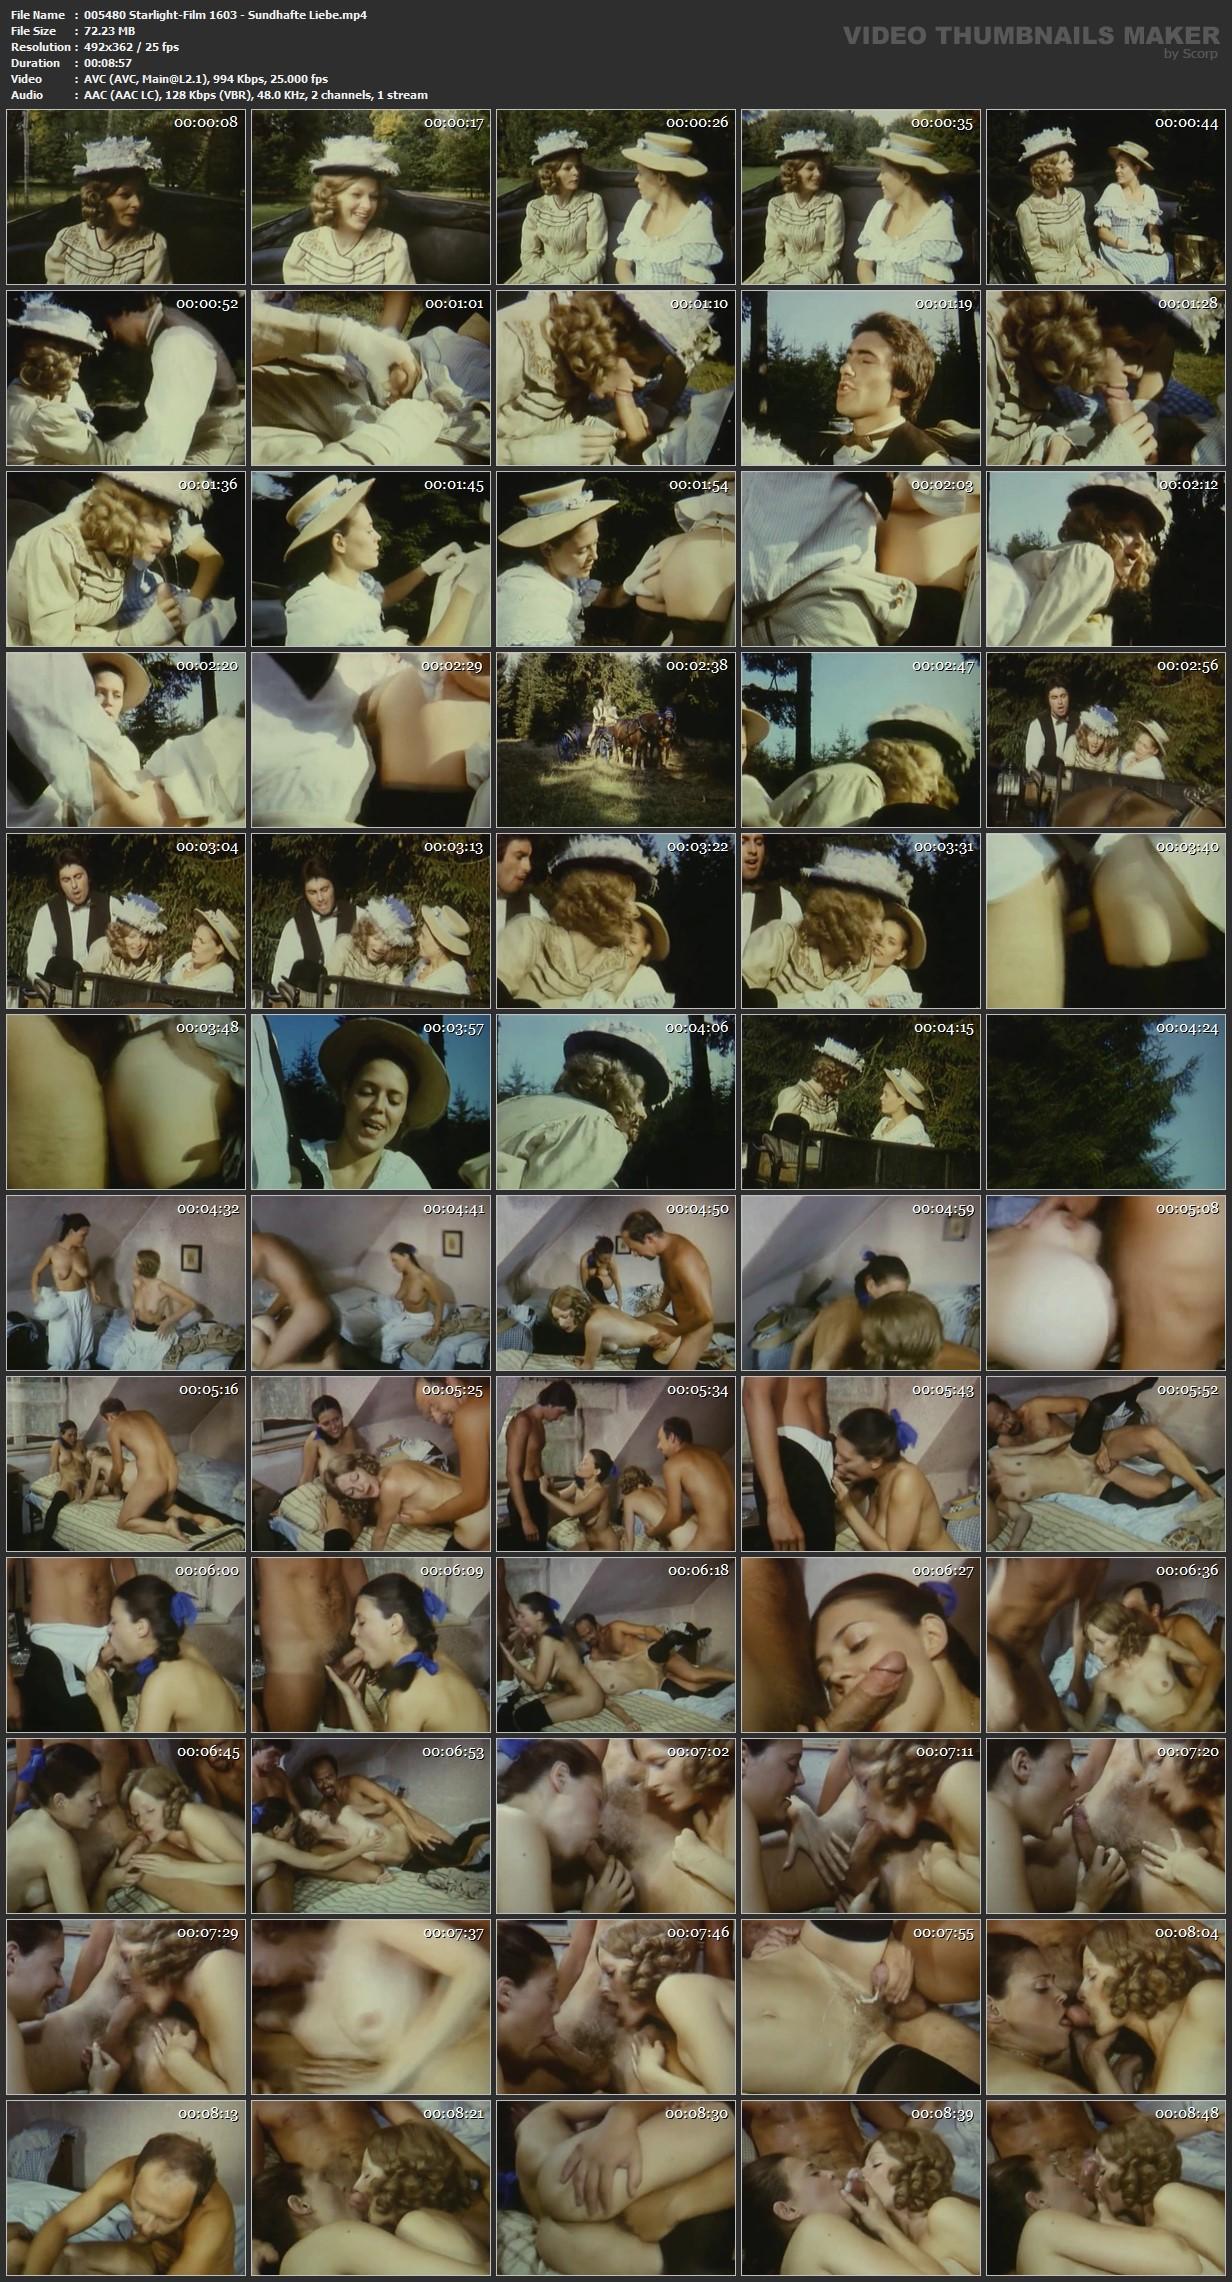 Starlight-Film 1603 - Sundhafte Liebe